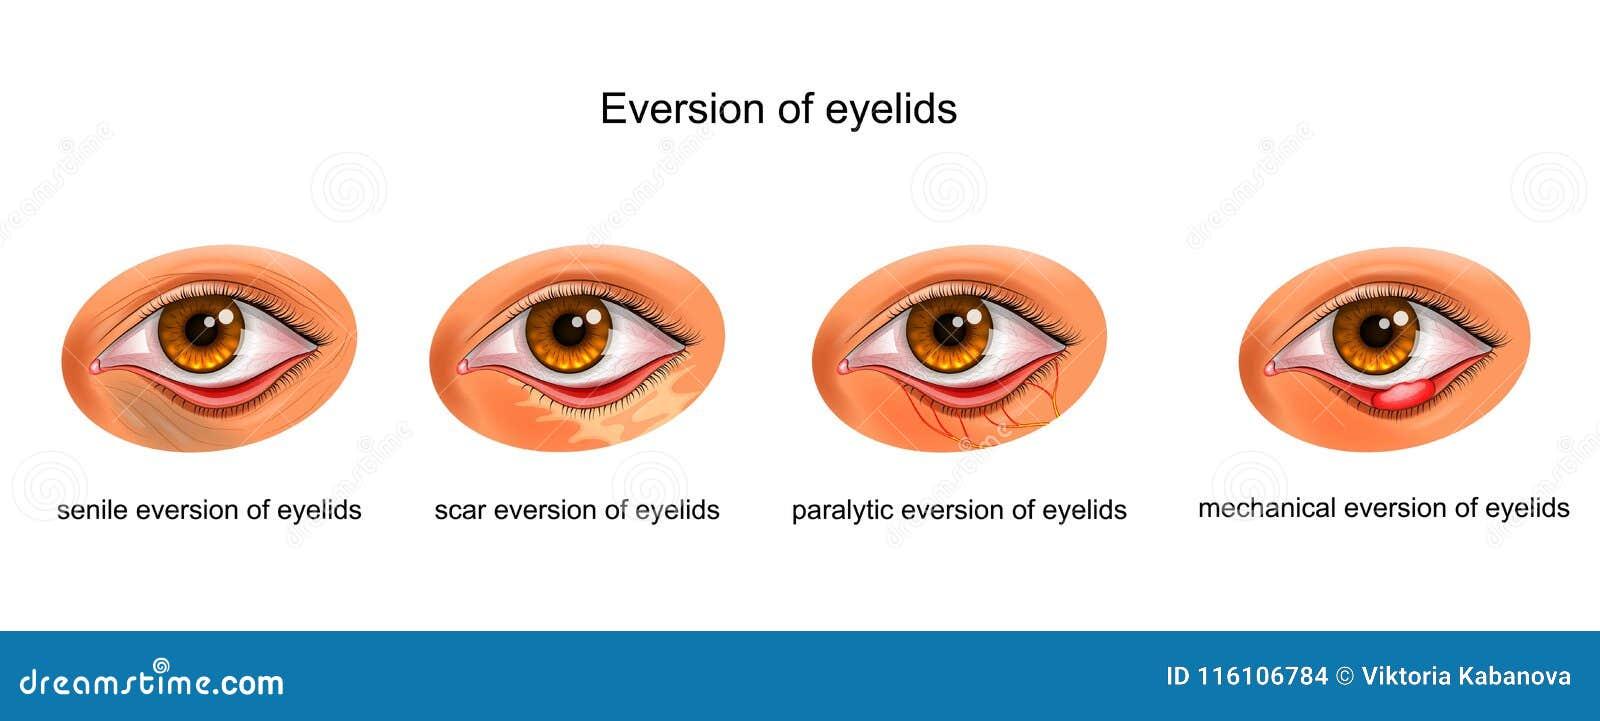 Οι αιτίες eversion των βλέφαρων